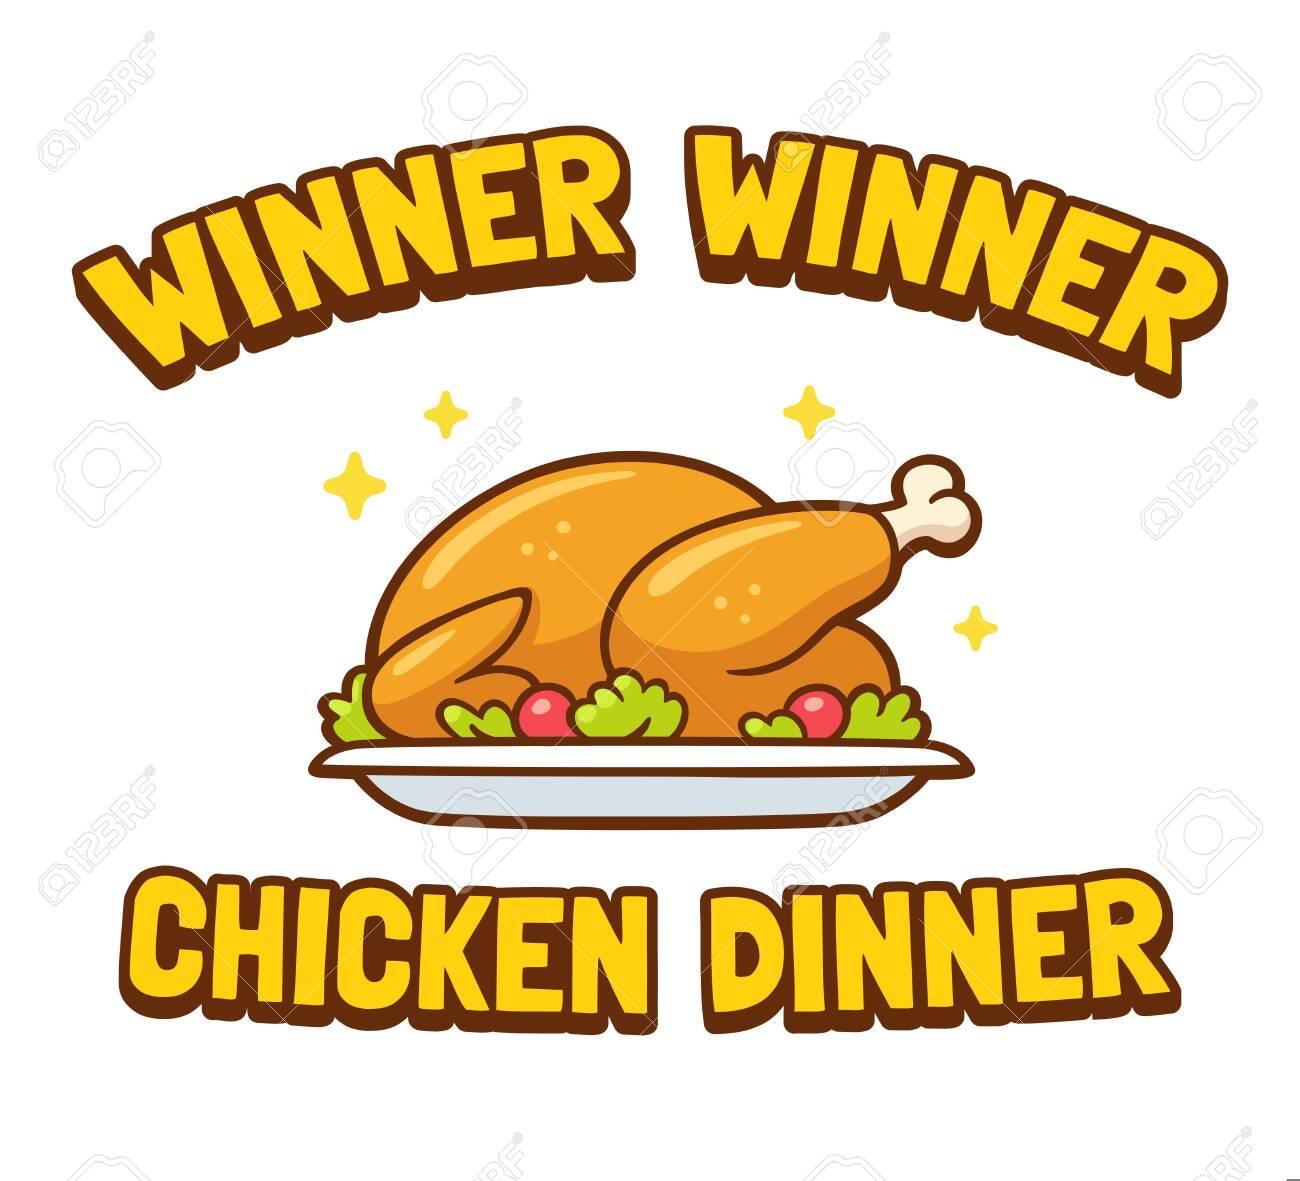 Winner Winner Chicken Dinner, funny saying vector clip art illustration.